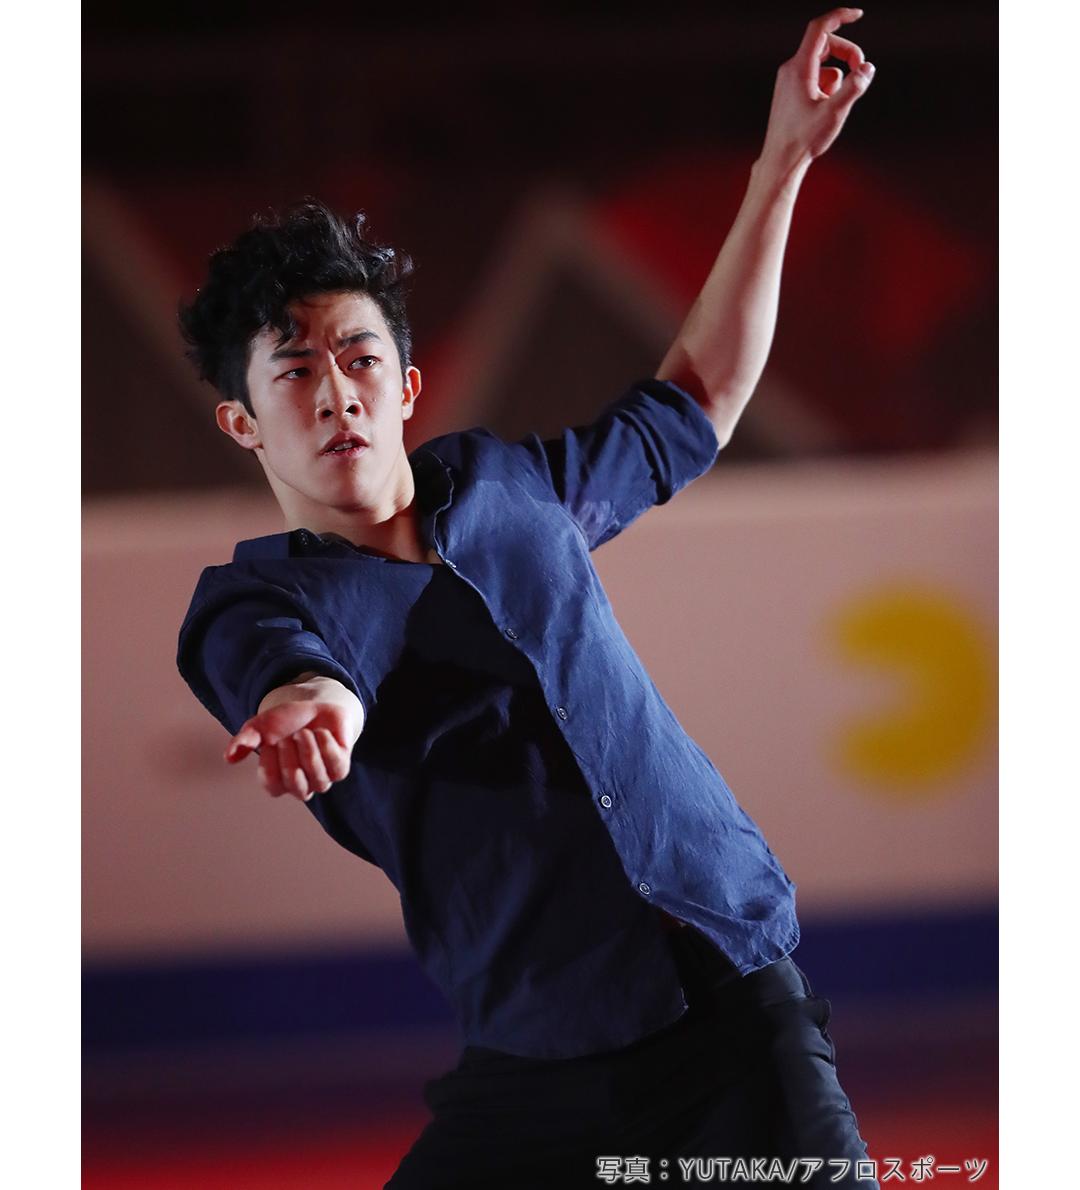 世界中から氷上のイケメンが集結! フィギュアスケート男子フォトギャラリー_1_53